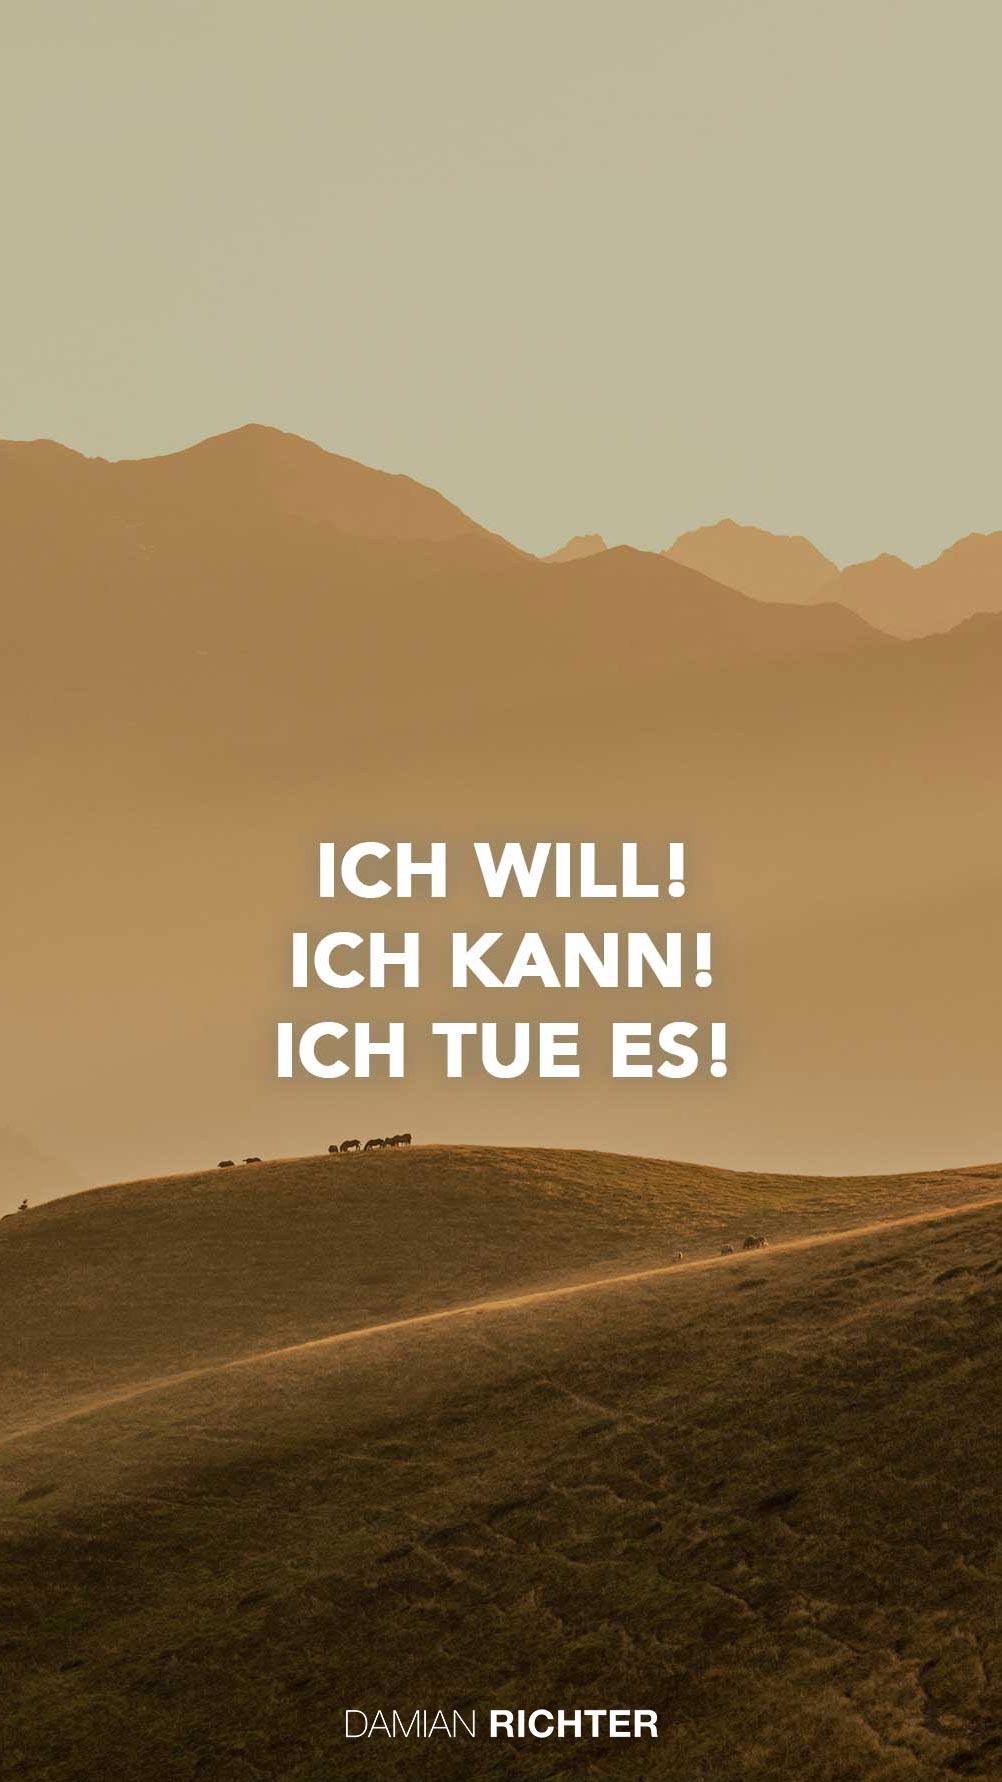 Ich will - Ich kann - Ich tue es!